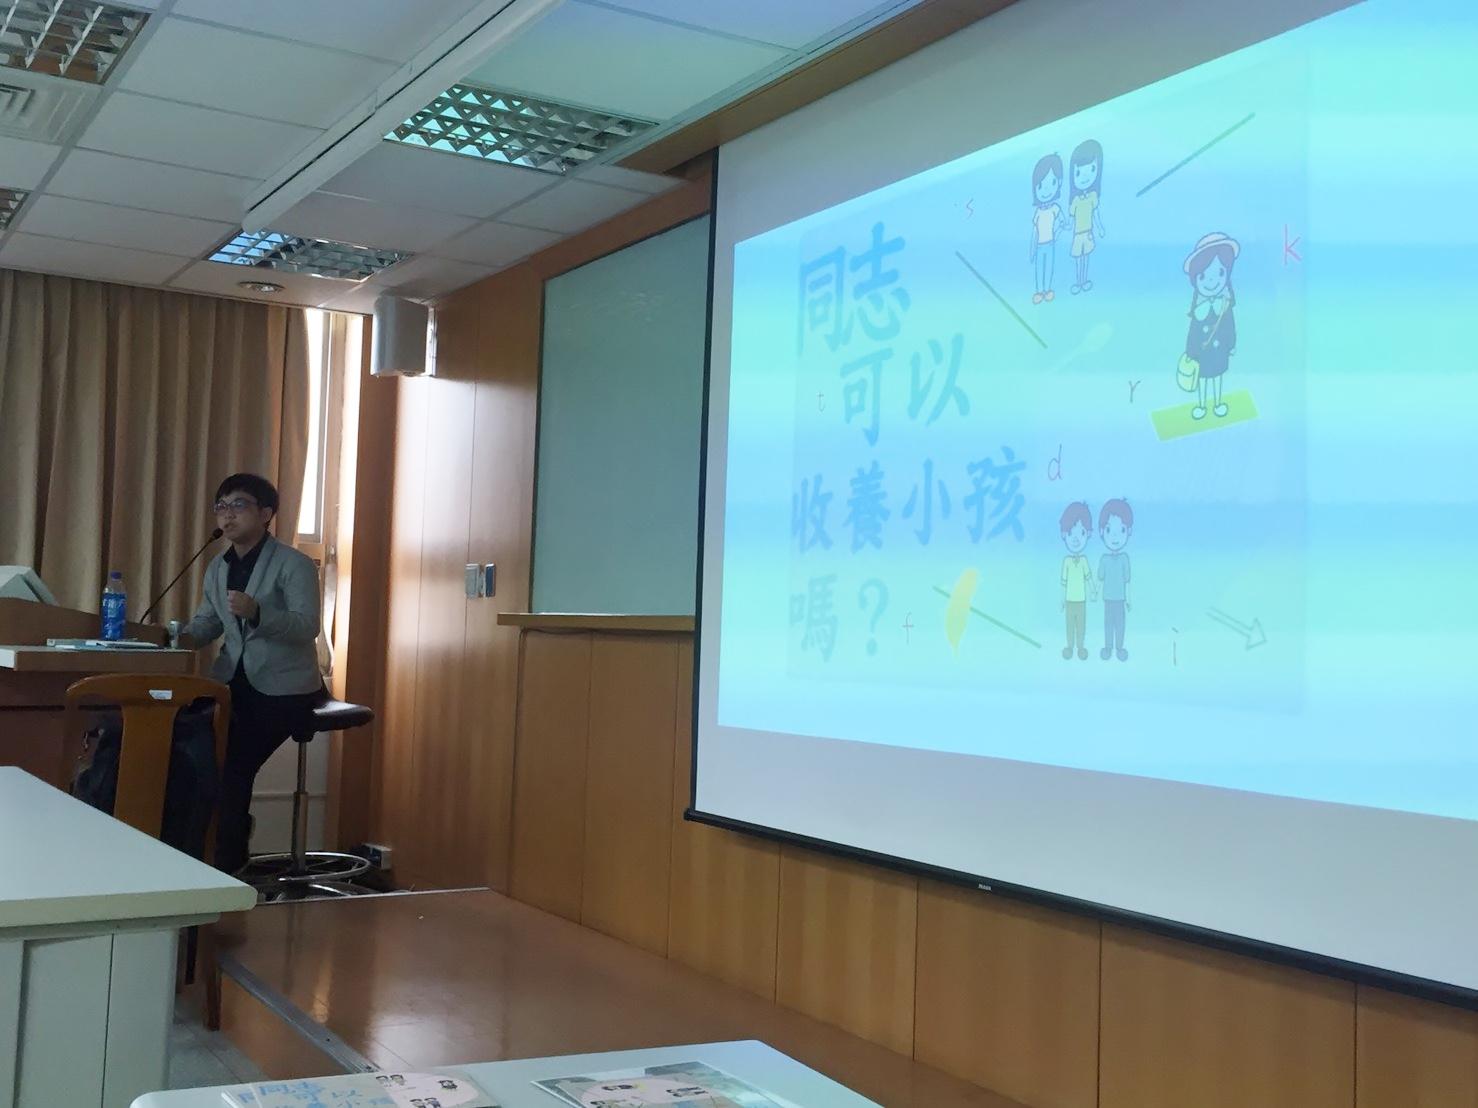 〈嗨!寶貝〉紀錄片巡迴放映講座─3/14東吳大學場